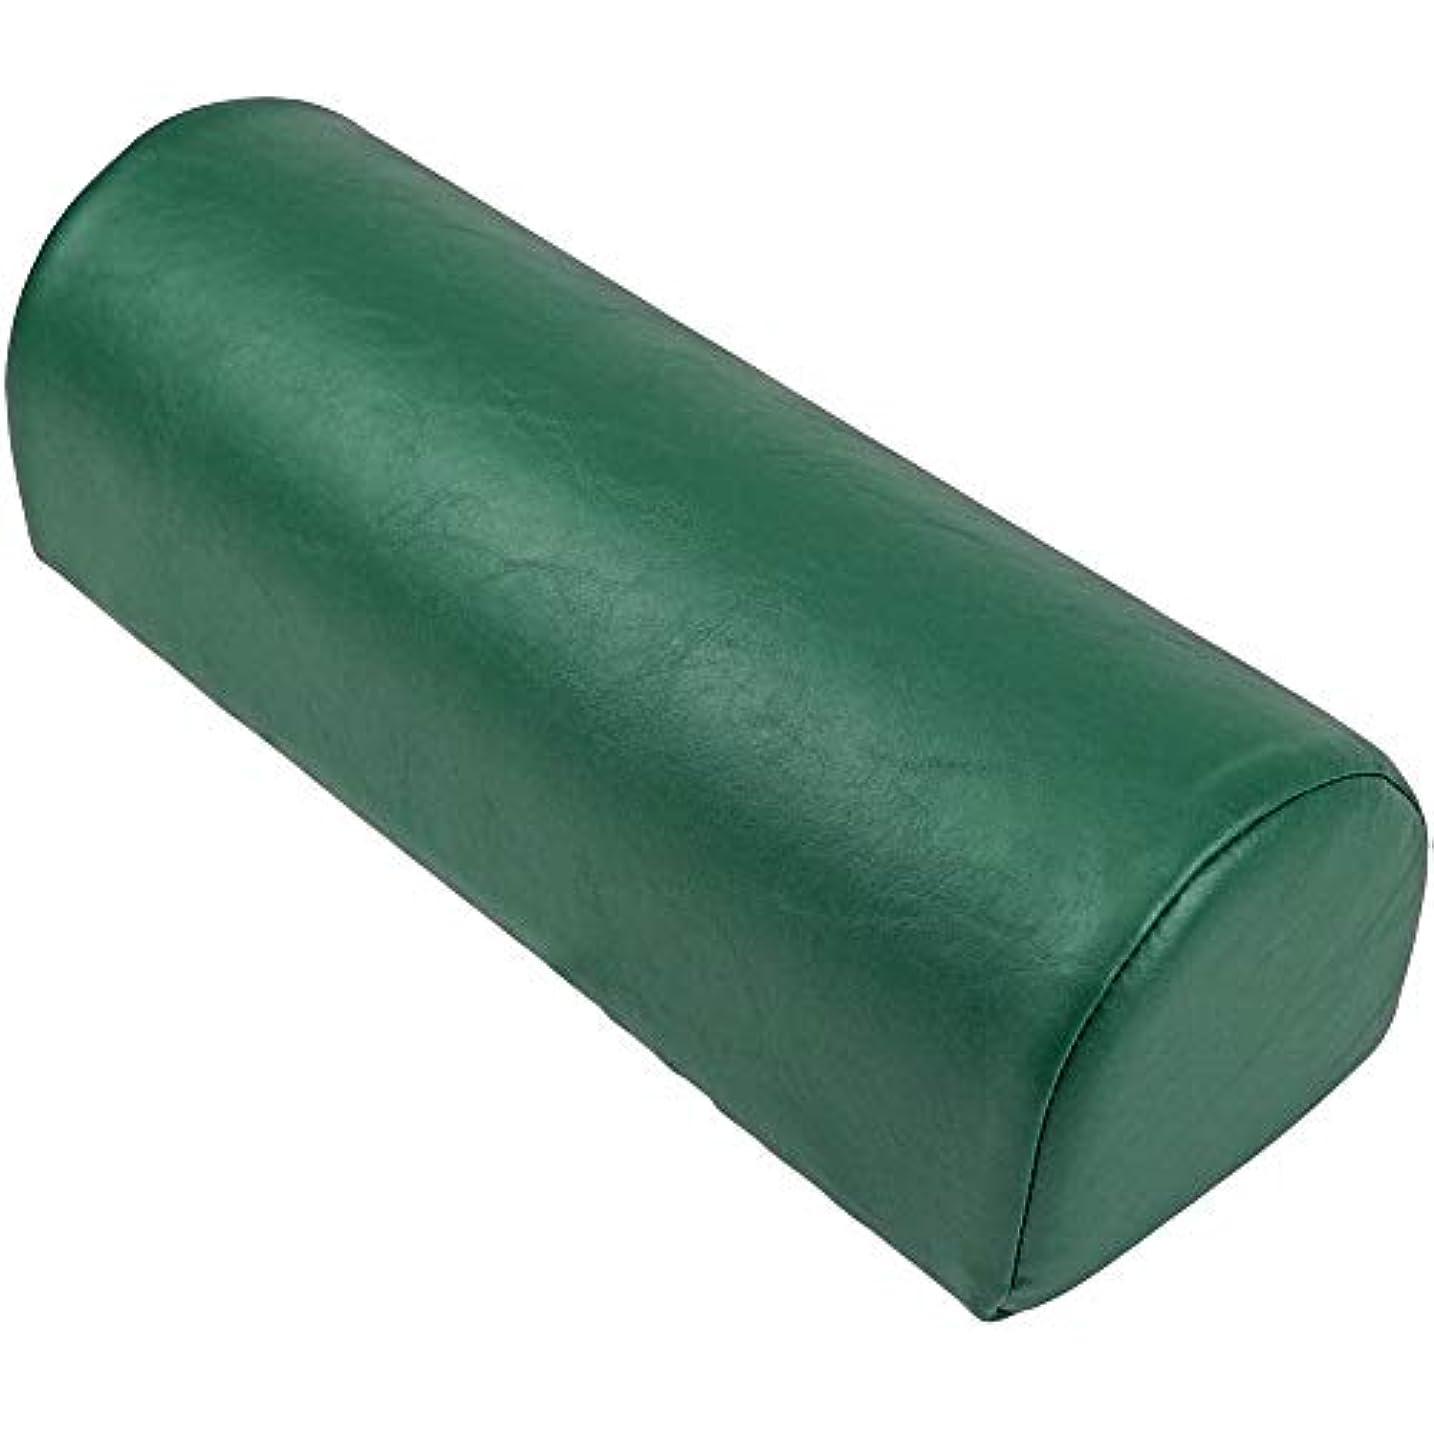 スポーツ免疫のどLLOYD (ロイド) ダッチマンロール【平底型】マッサージ クッション 椎間板 の 施術 足首 の支え 側臥位 の際の 枕 にも最適 (フォレスト)